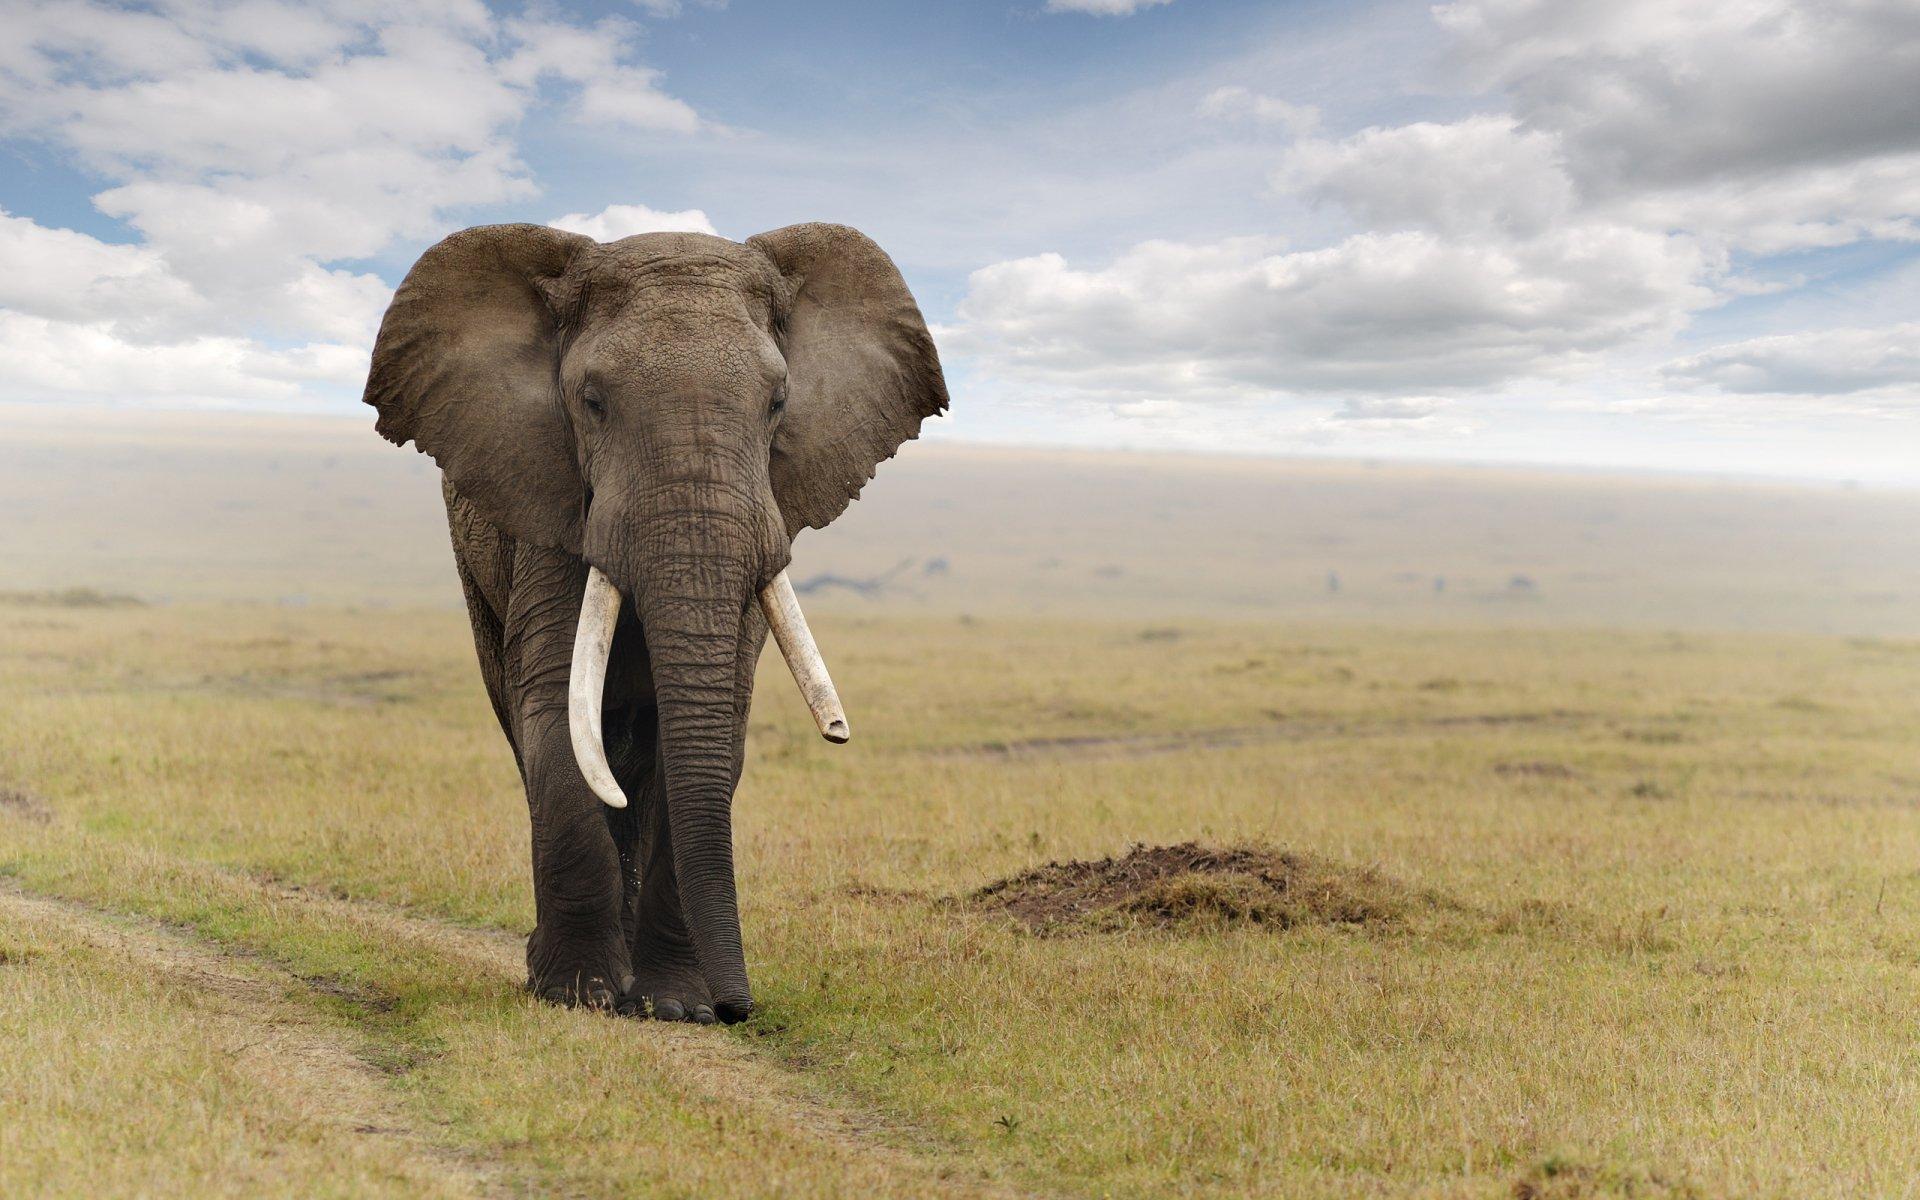 Beautiful Pictures Of Elephant In Hd: Elefante Full HD Fondo De Pantalla And Fondo De Escritorio